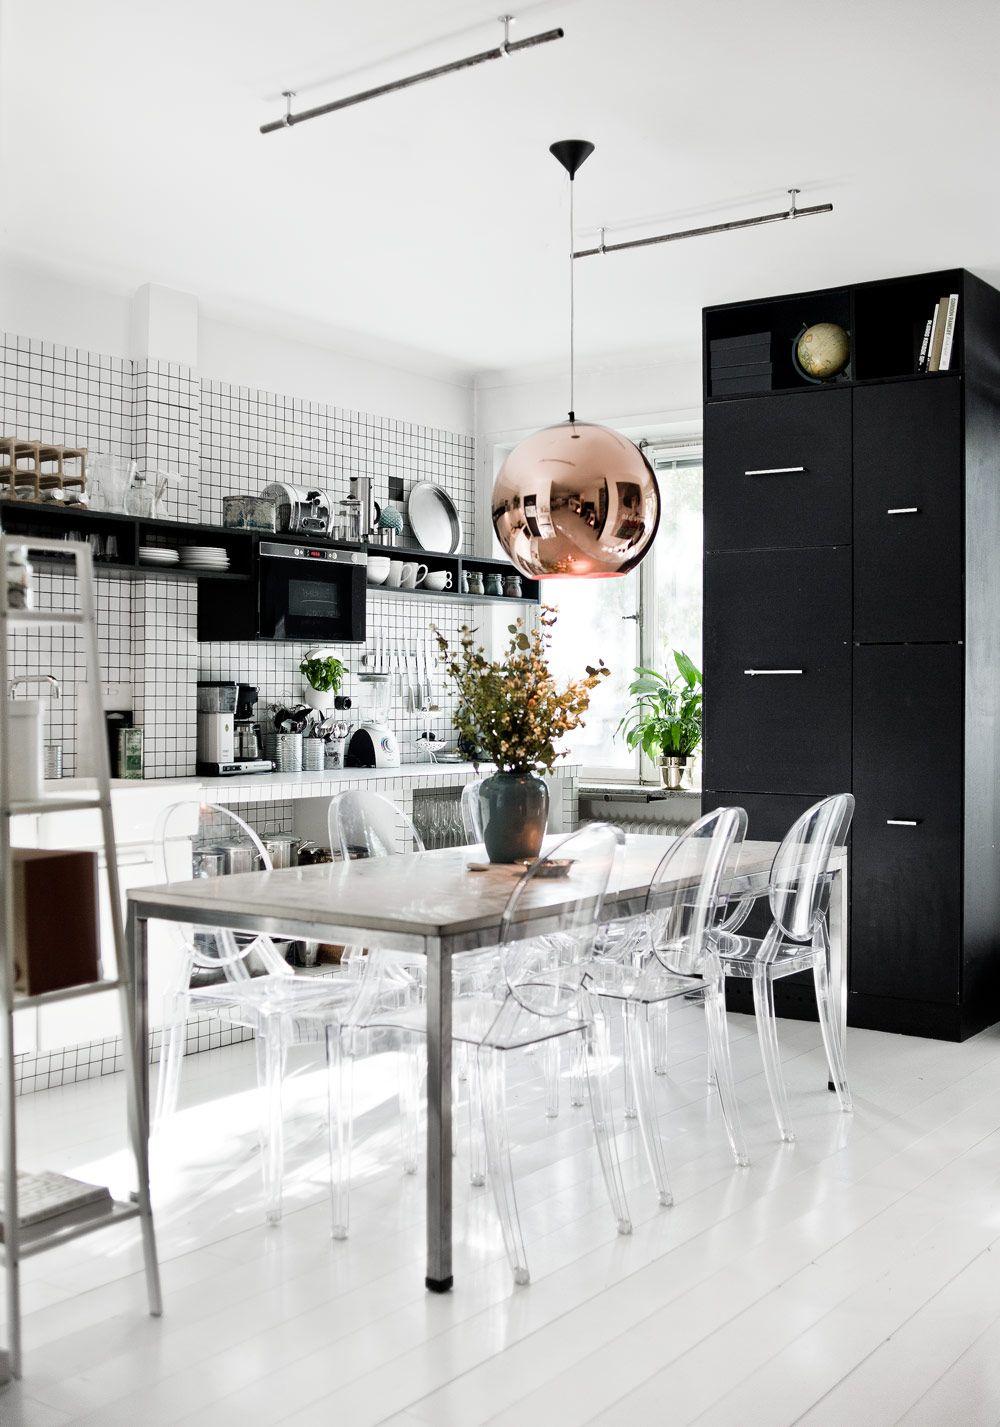 Restaurangkökskänsla i minitvåan | Küche esszimmer, Esszimmer und Küche